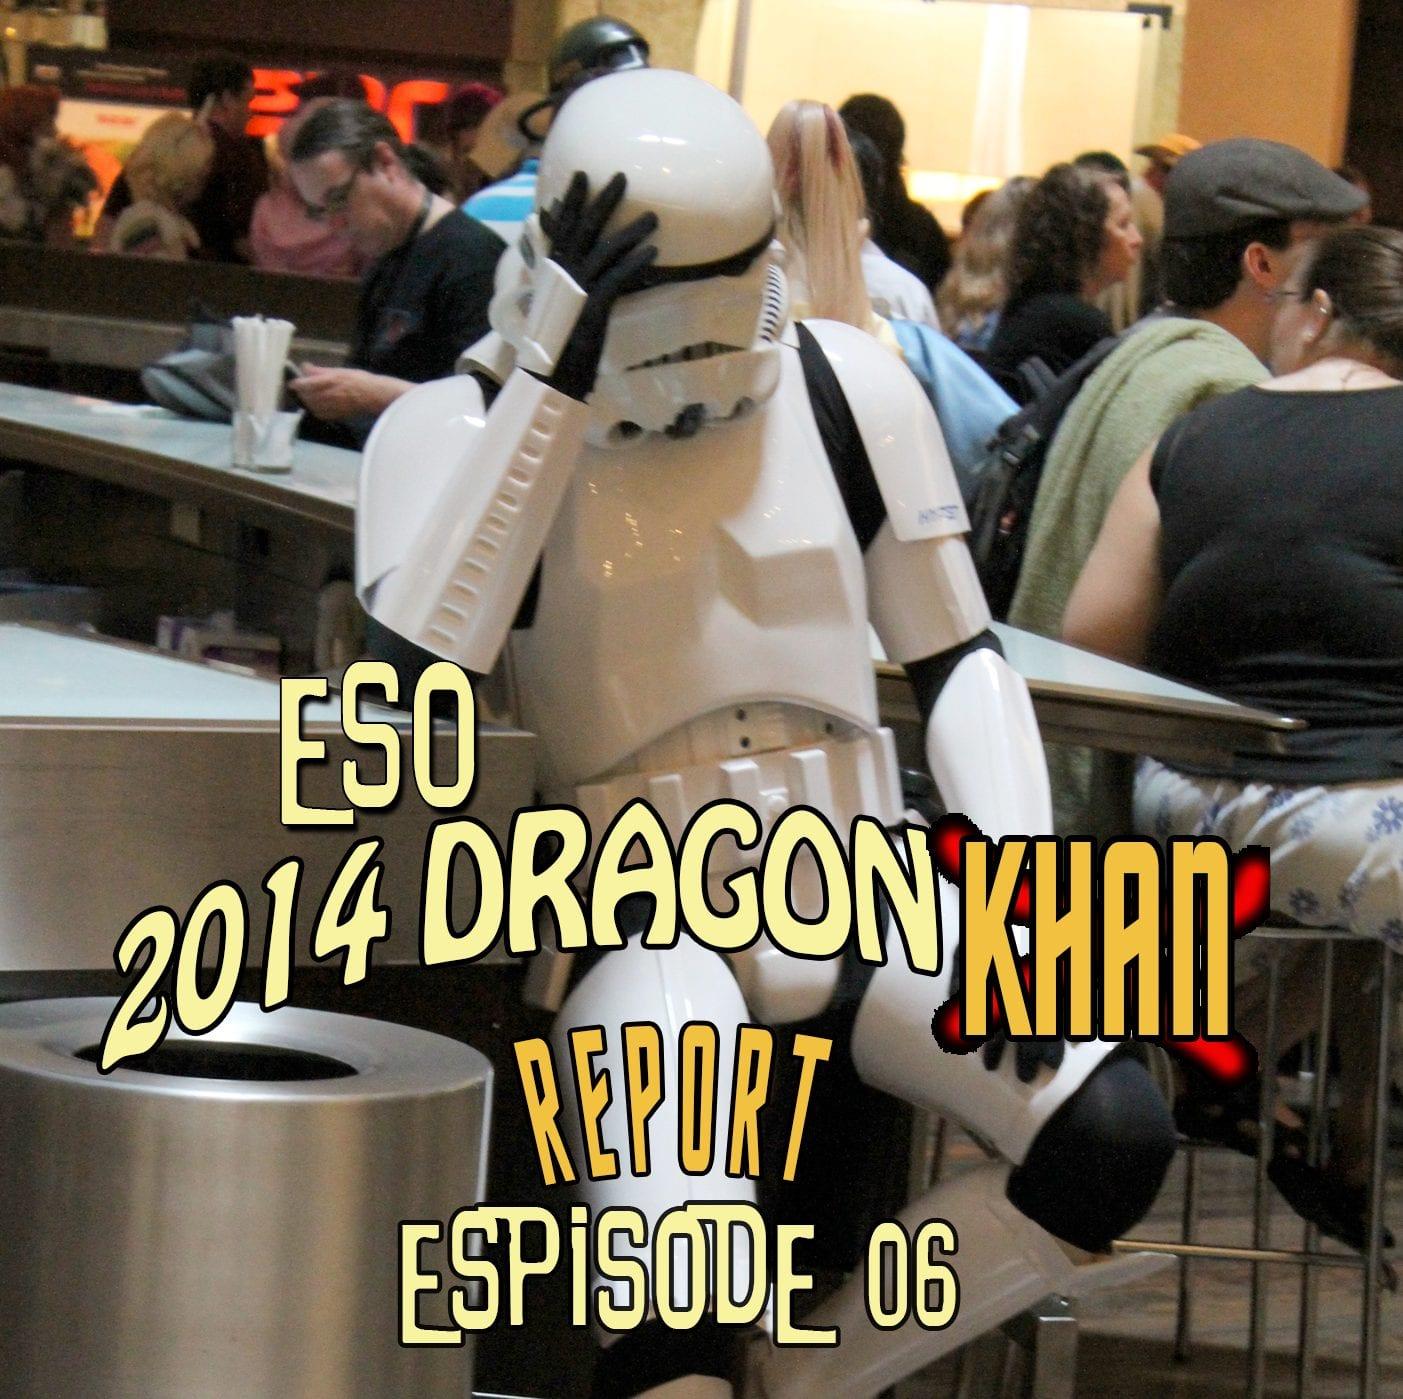 The ESO 2014 DragonCon Khan Report Ep 6